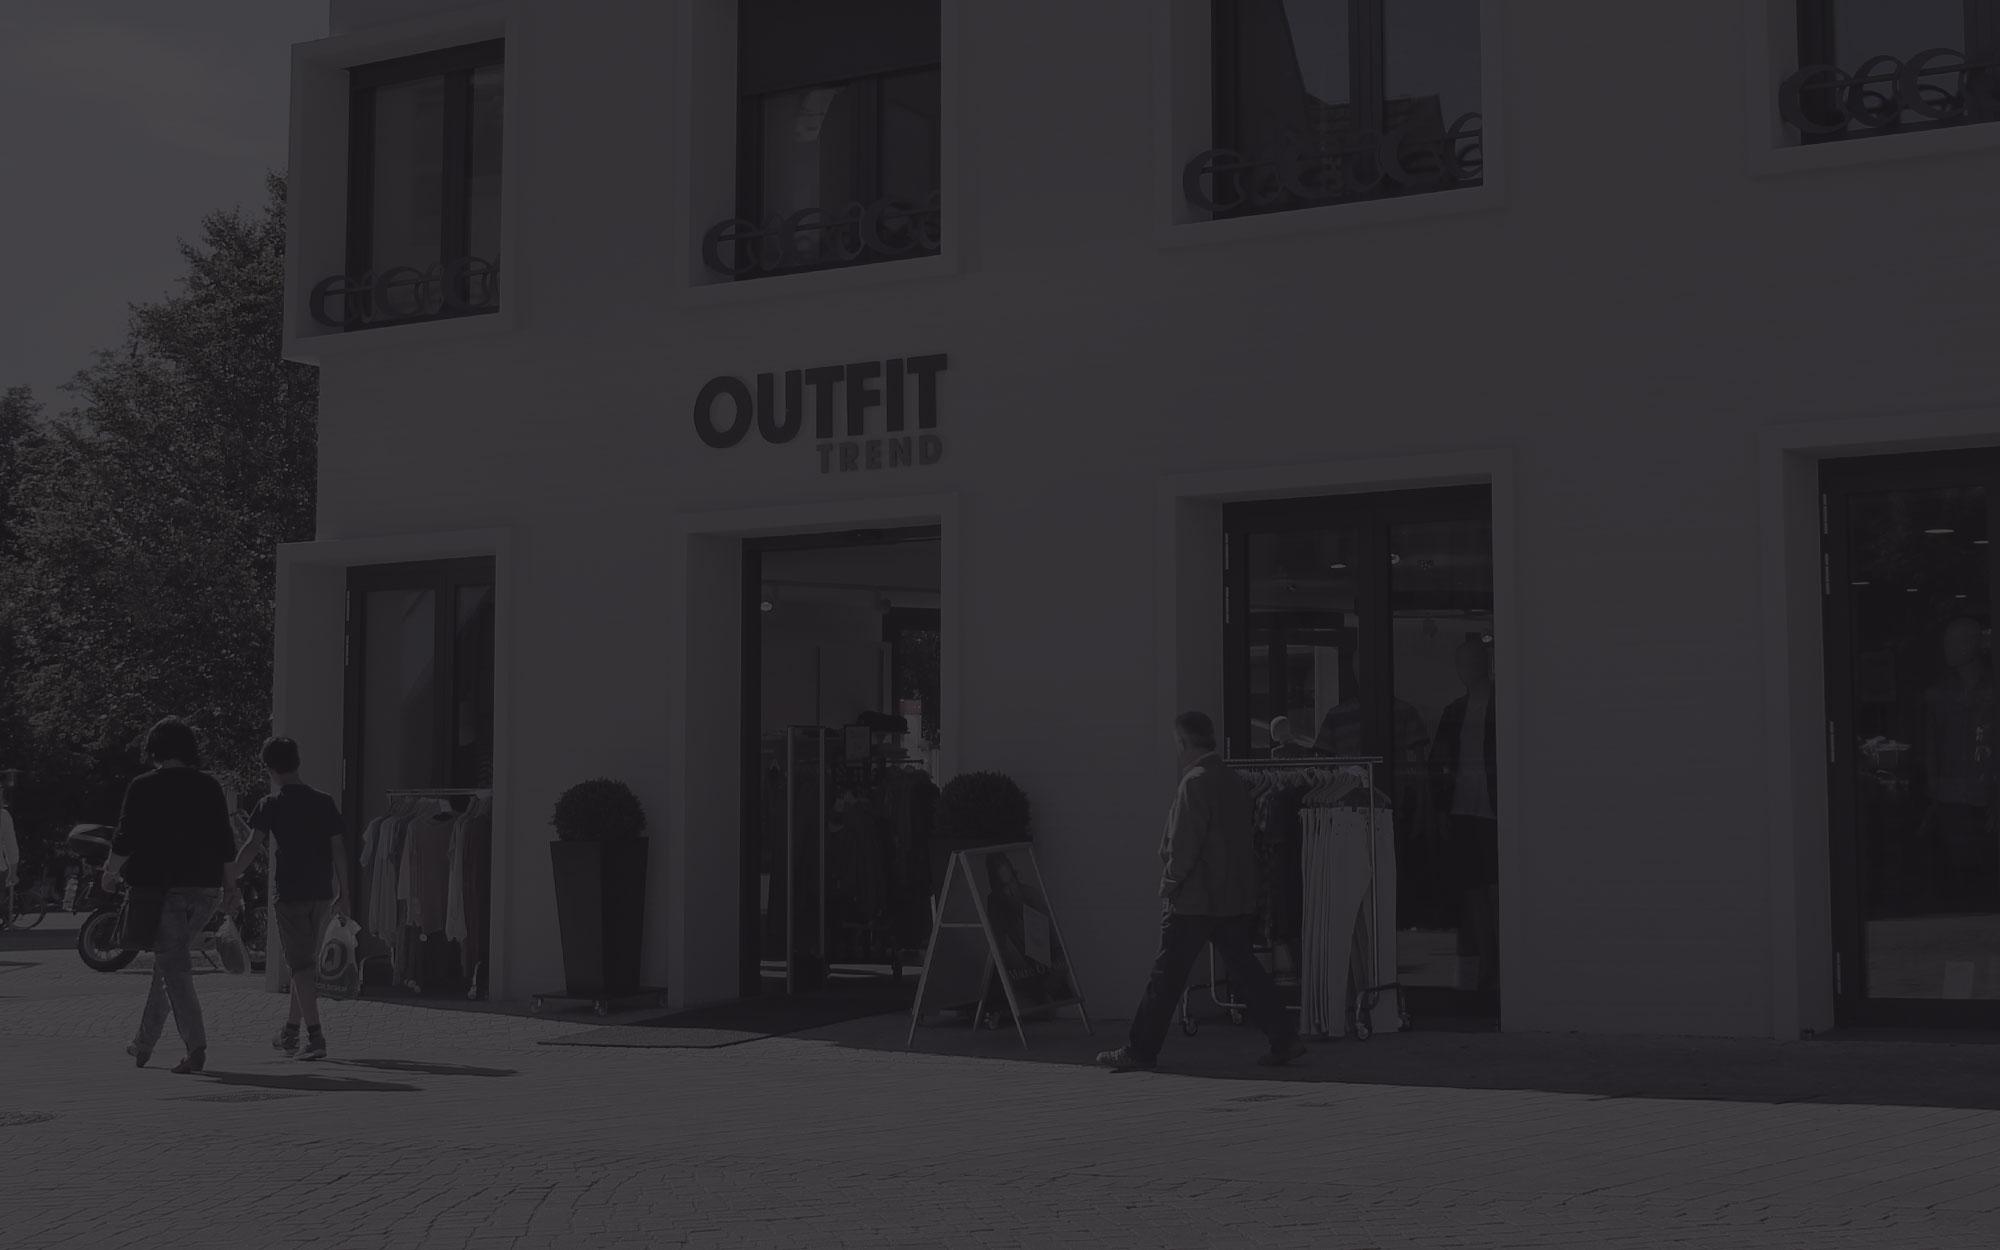 outfit_aussen_bg3